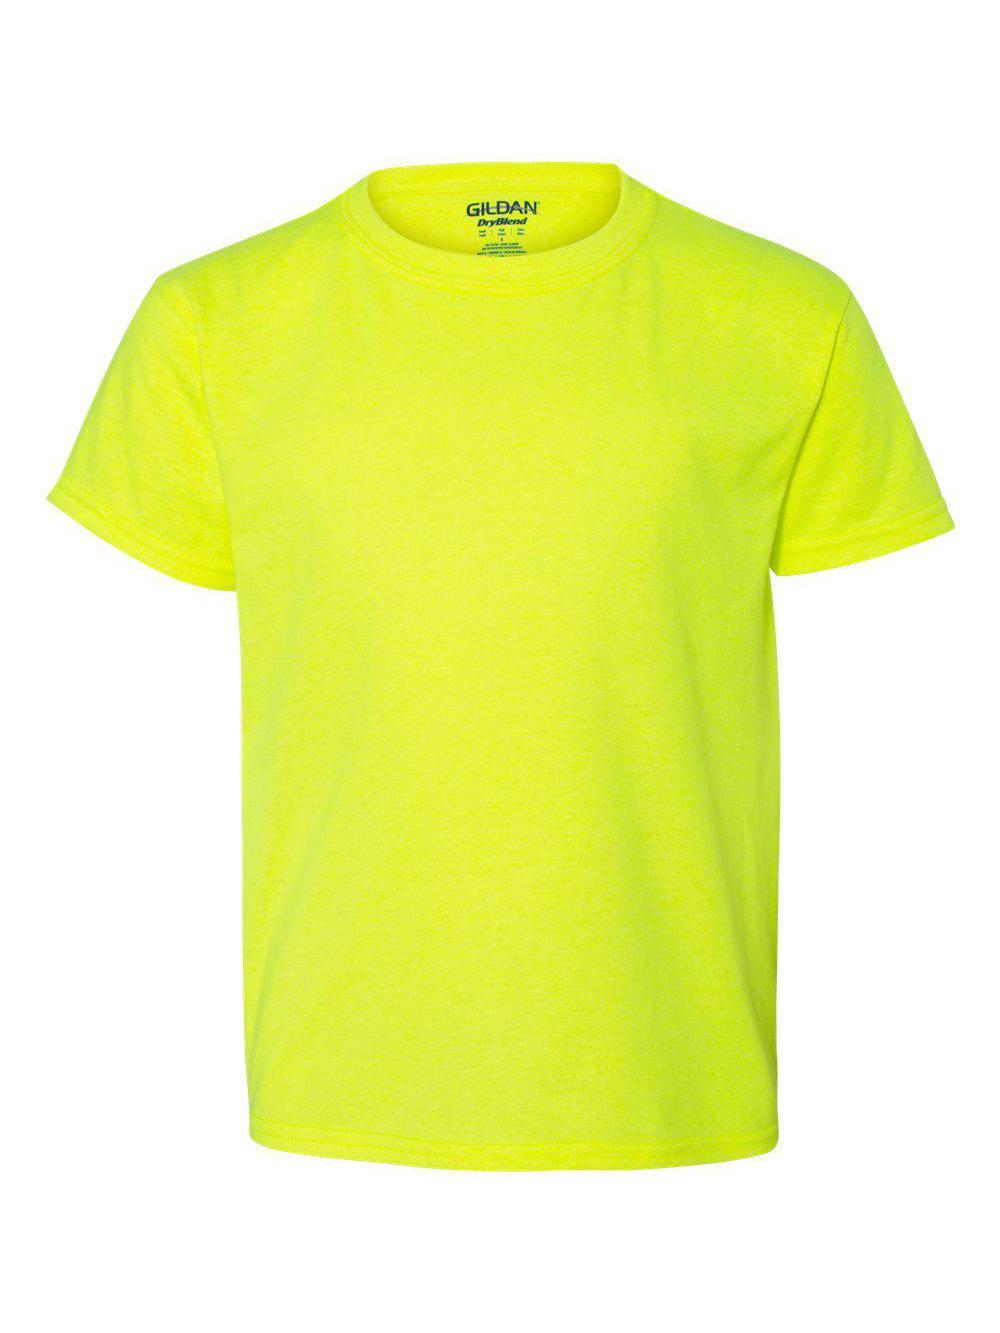 Gildan-DryBlend-Youth-50-50-T-Shirt-8000B thumbnail 84